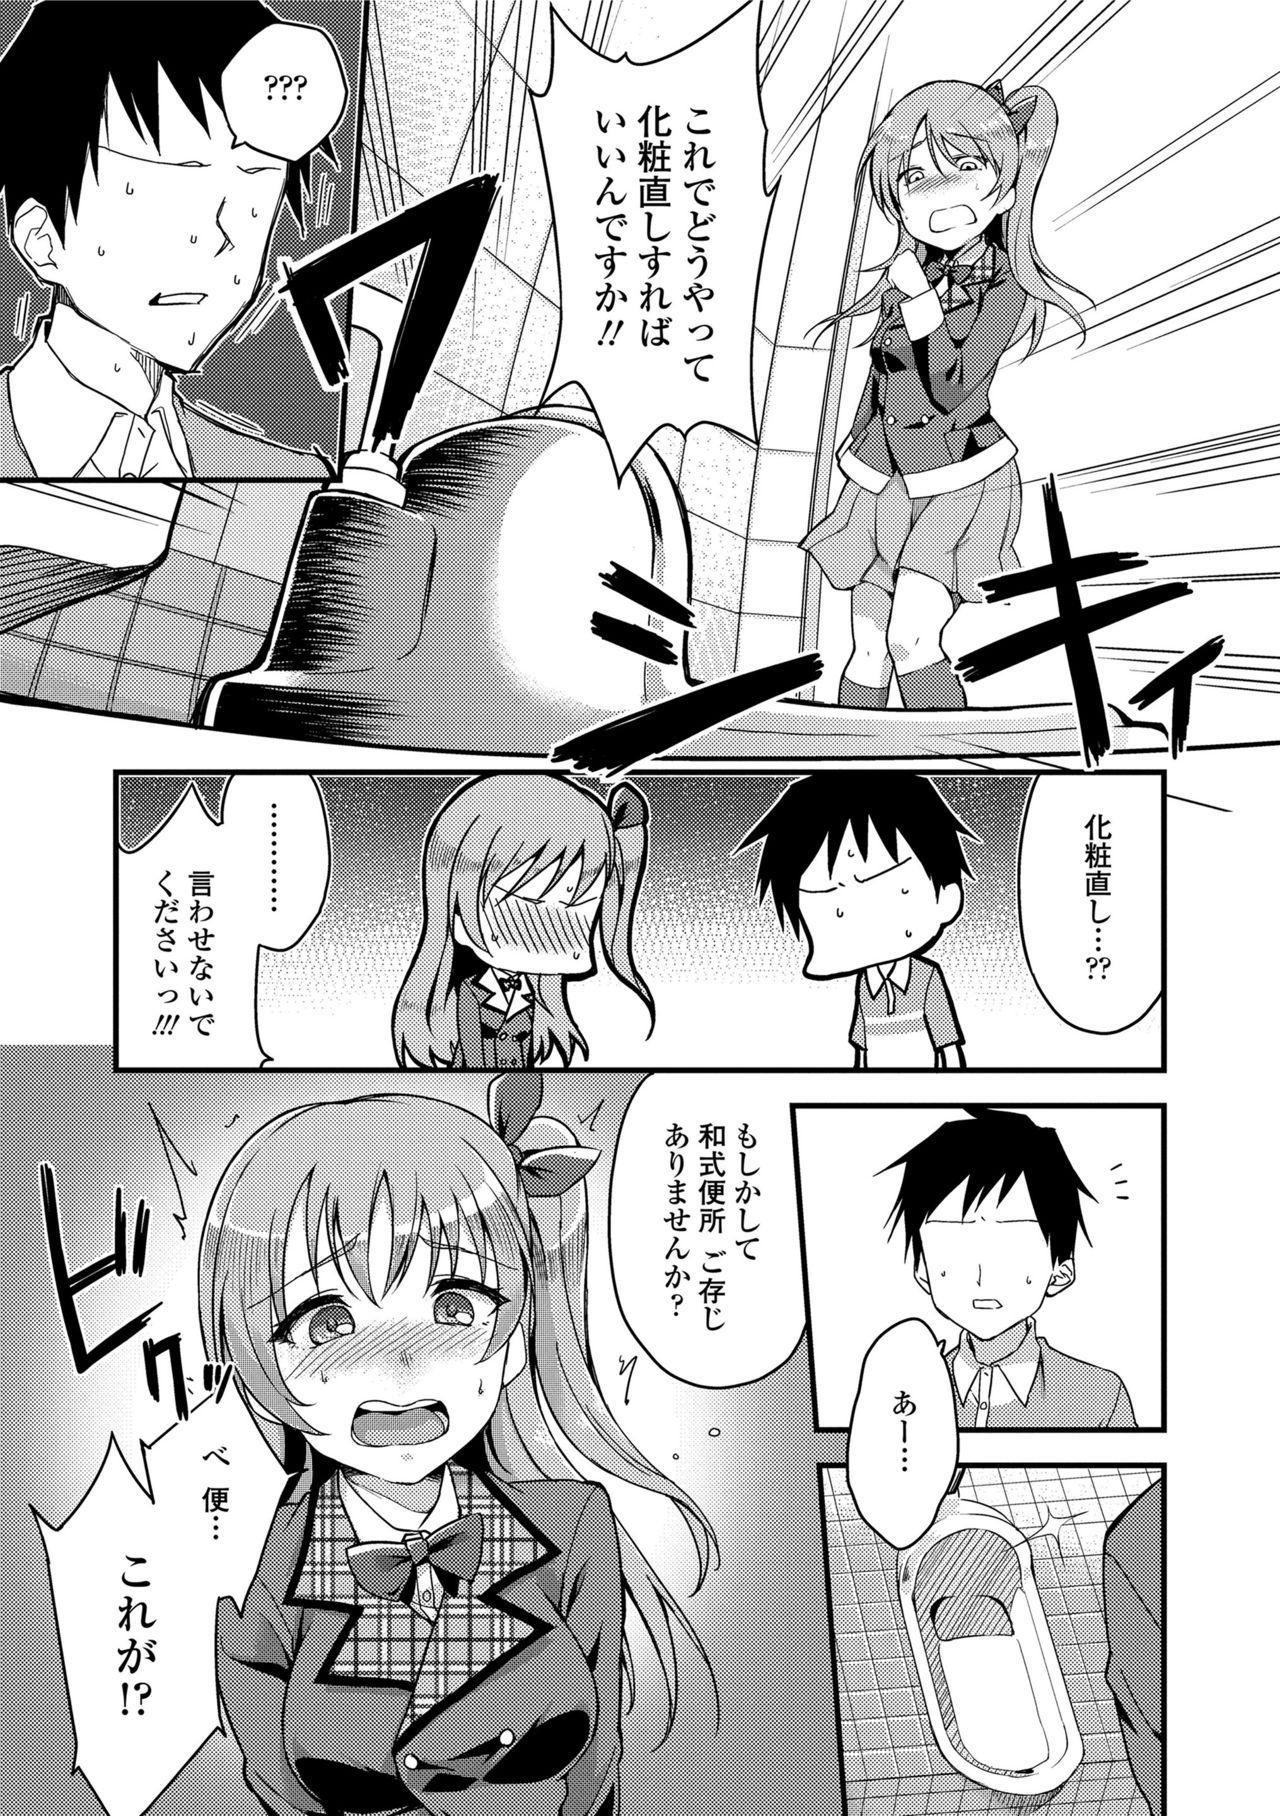 Ai ga Nakutemo Ecchi wa Dekiru! - Even if There is No Love You Can H! 190